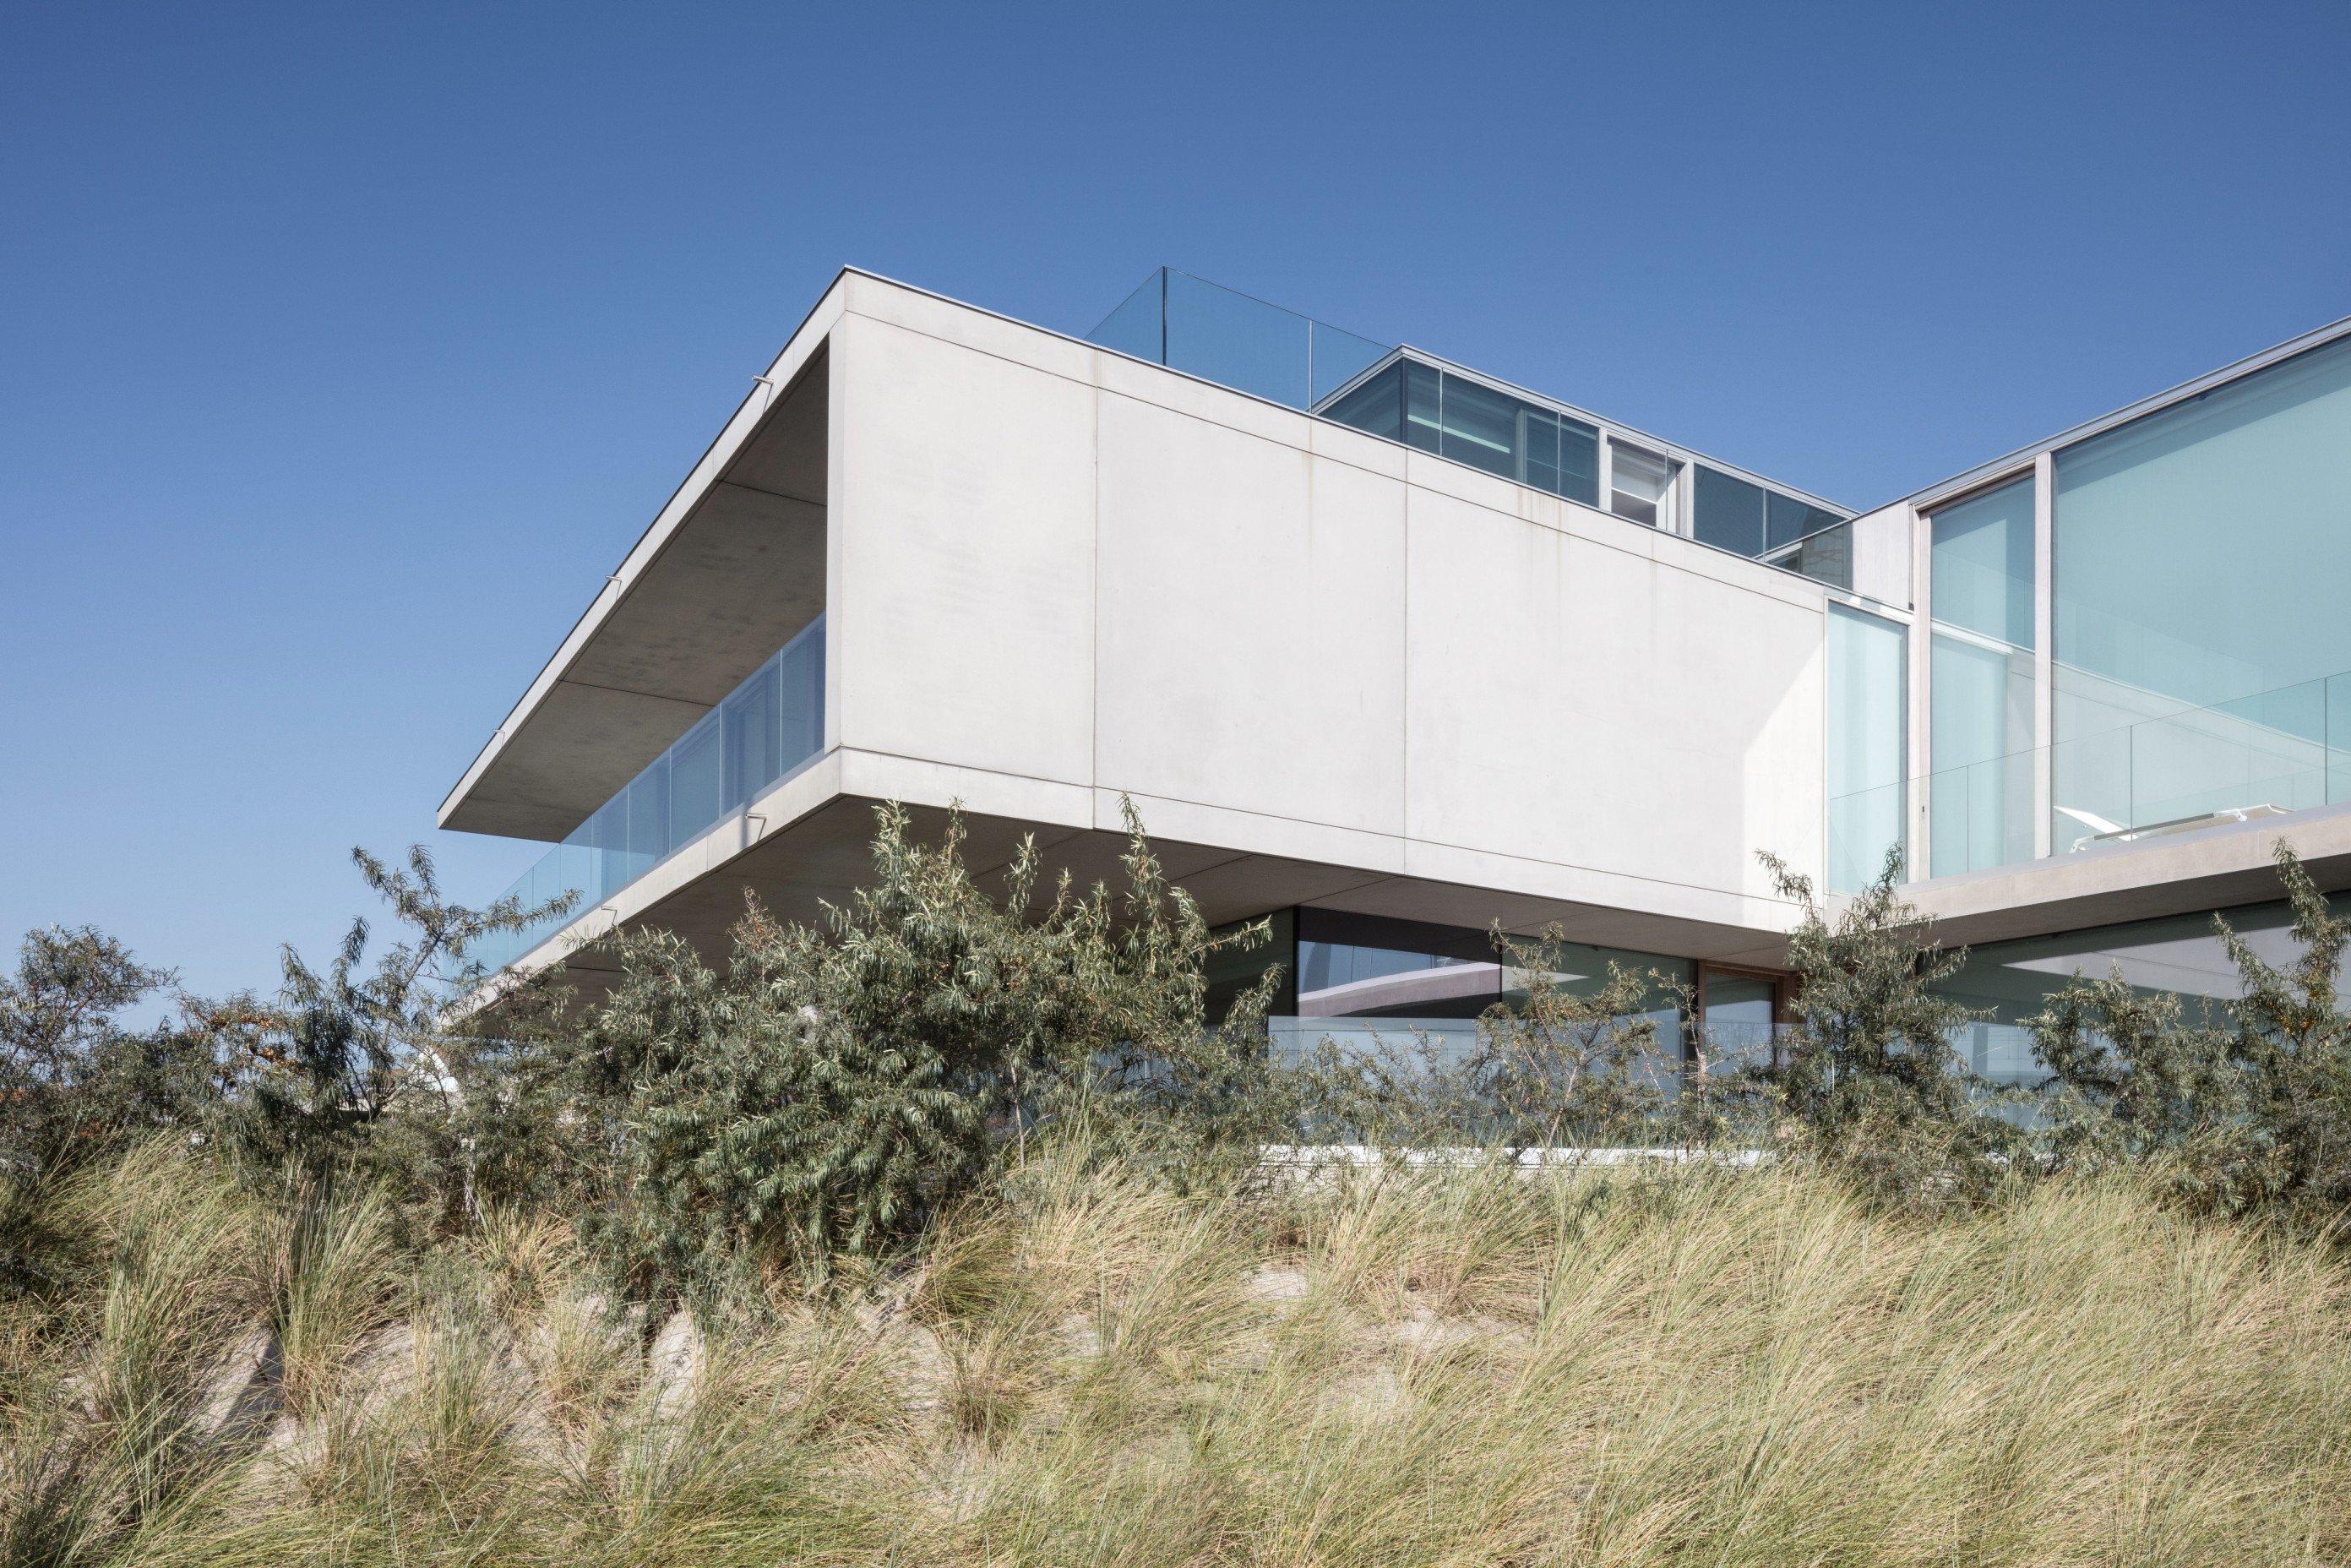 Rietveldprojects-Corbu-Koksijde-Fototimvandevelde13.jpg